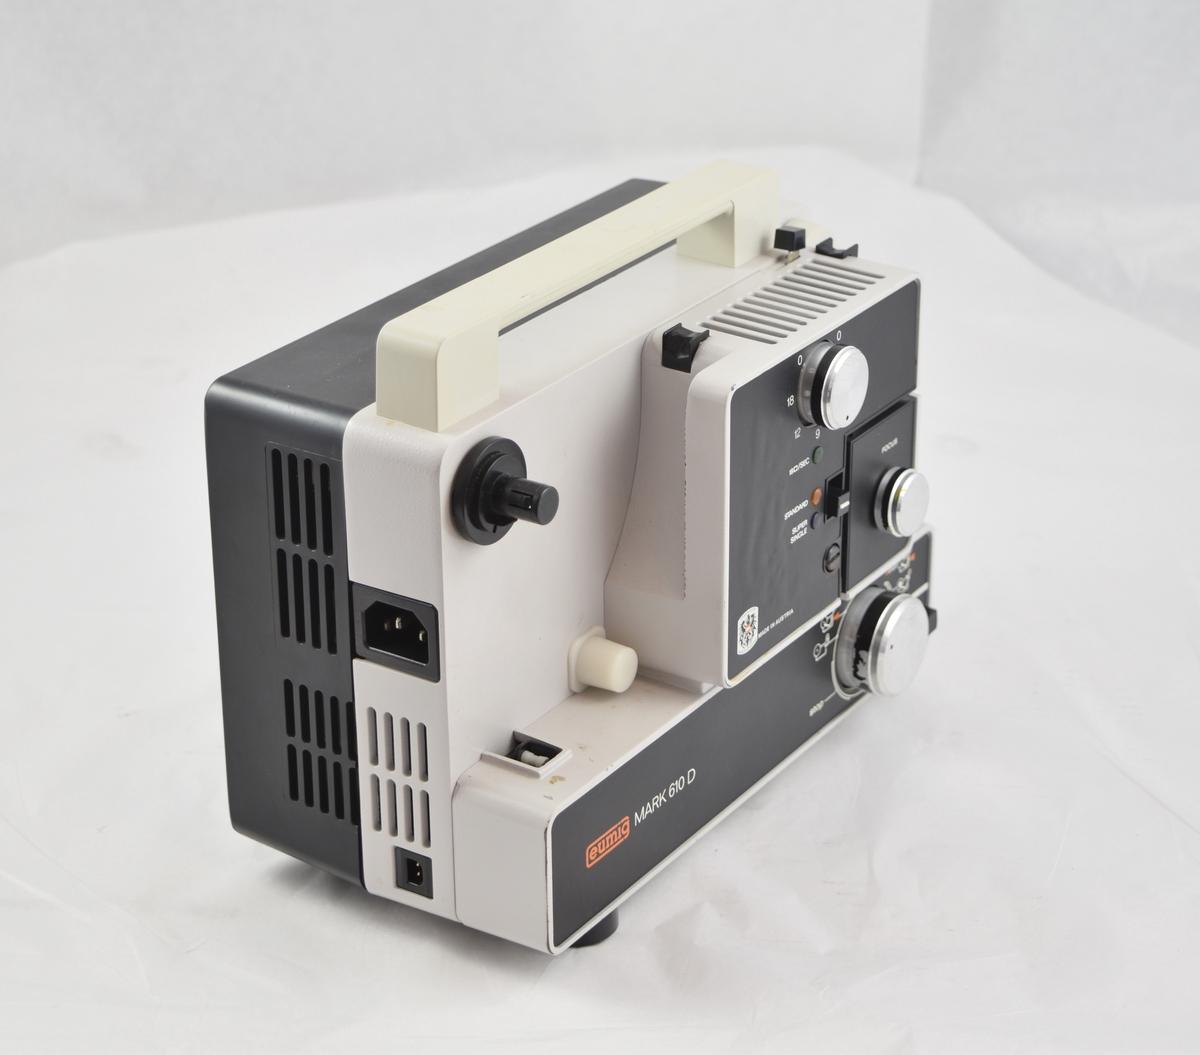 Filmfremviser til filmruller i veske med tilbehør. Filmen tres automatisk gjennom apparatet.